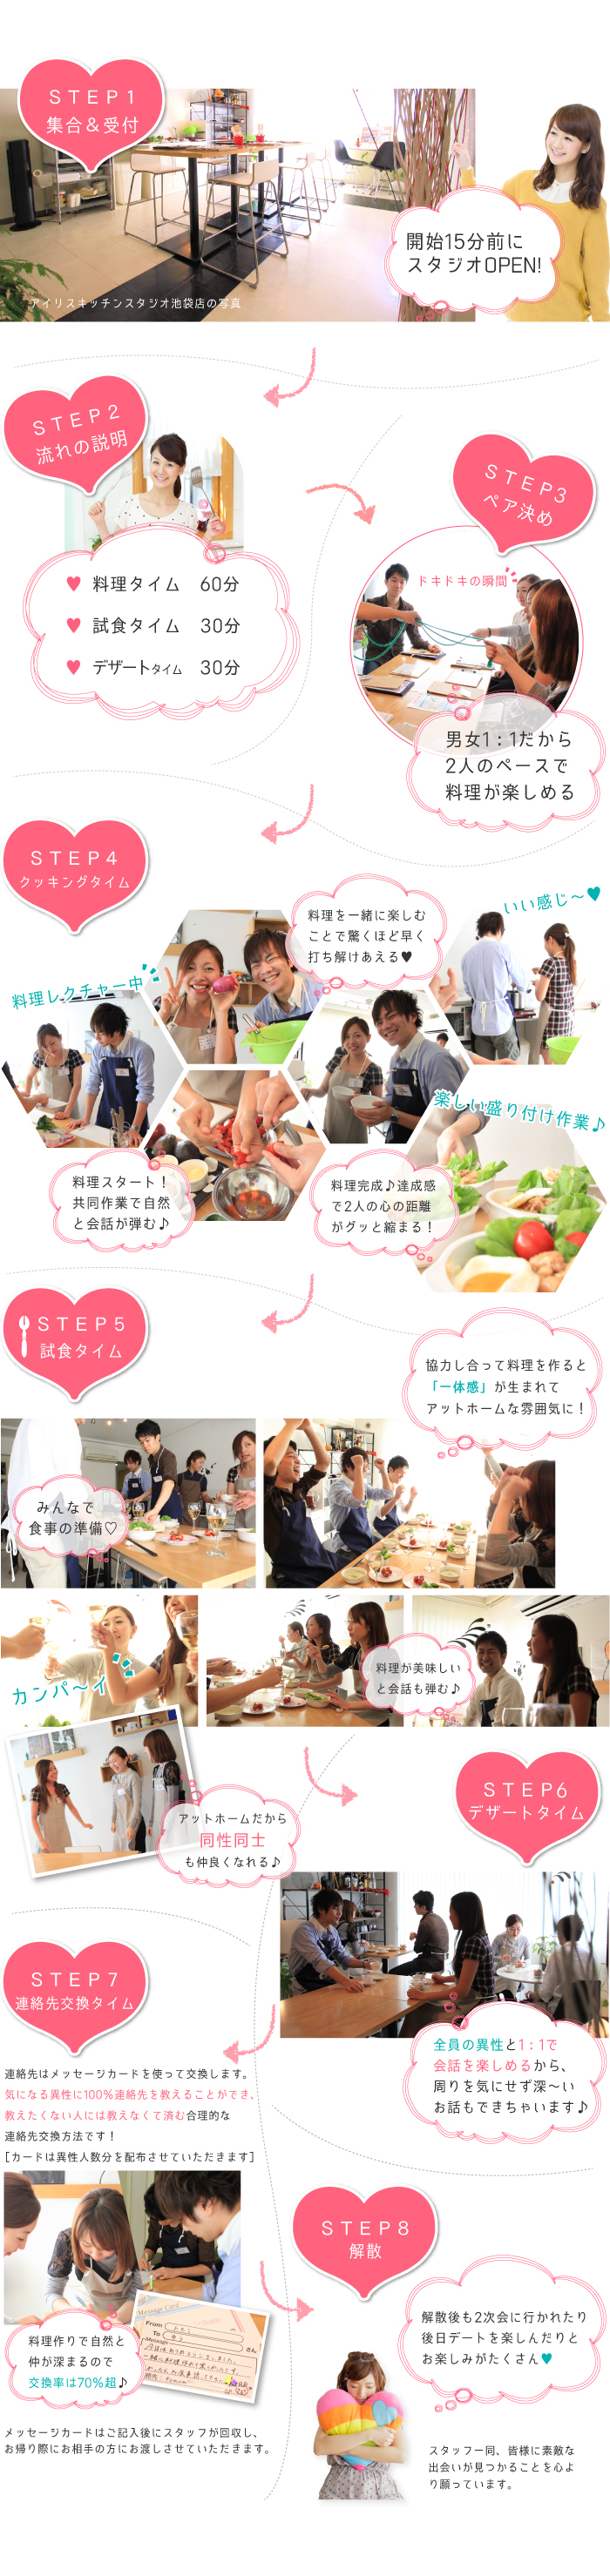 料理合コン・パーティーの流れ STEP1からSTEP8まで料理合コンの流れを写真付きで解説します